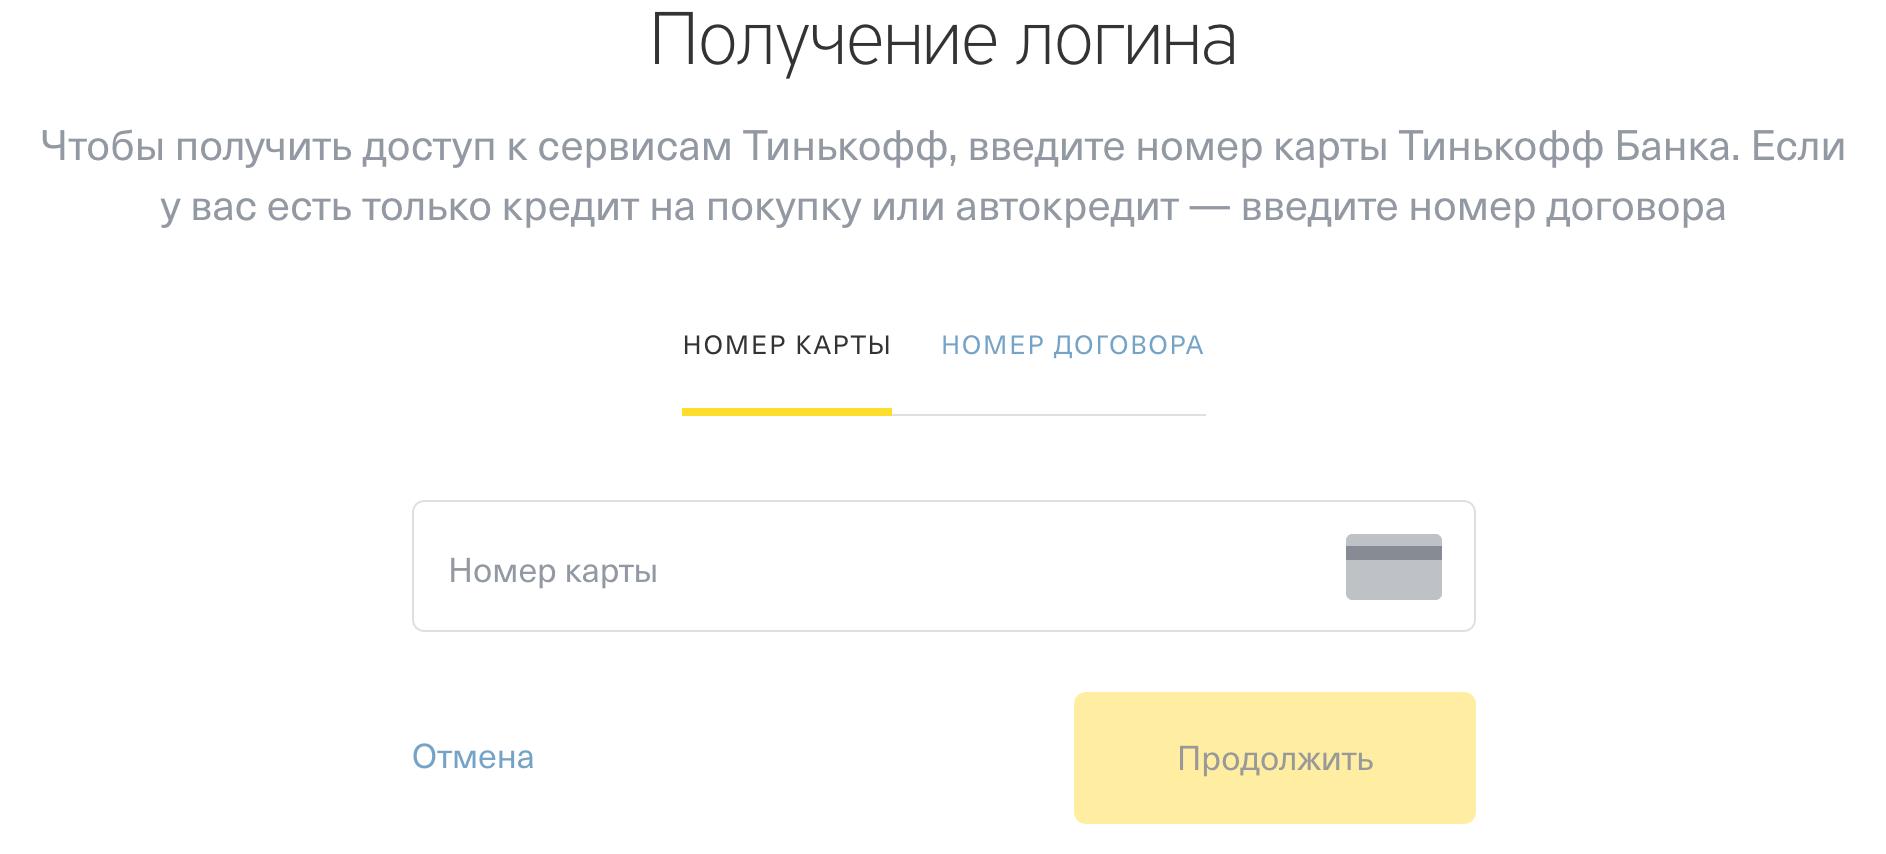 Регистрация в личном кабинете Тинькофф банк